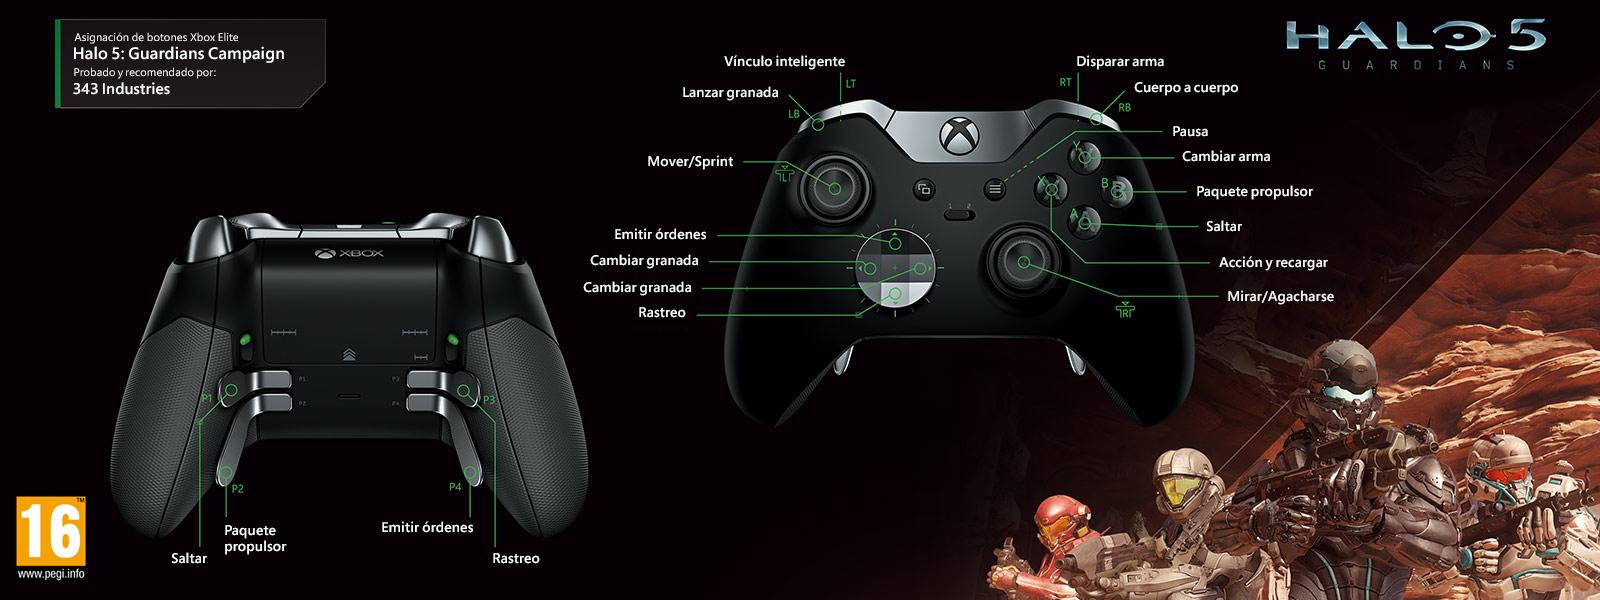 Campaña Halo 5: Guardians (asignación de funciones del mando Elite)